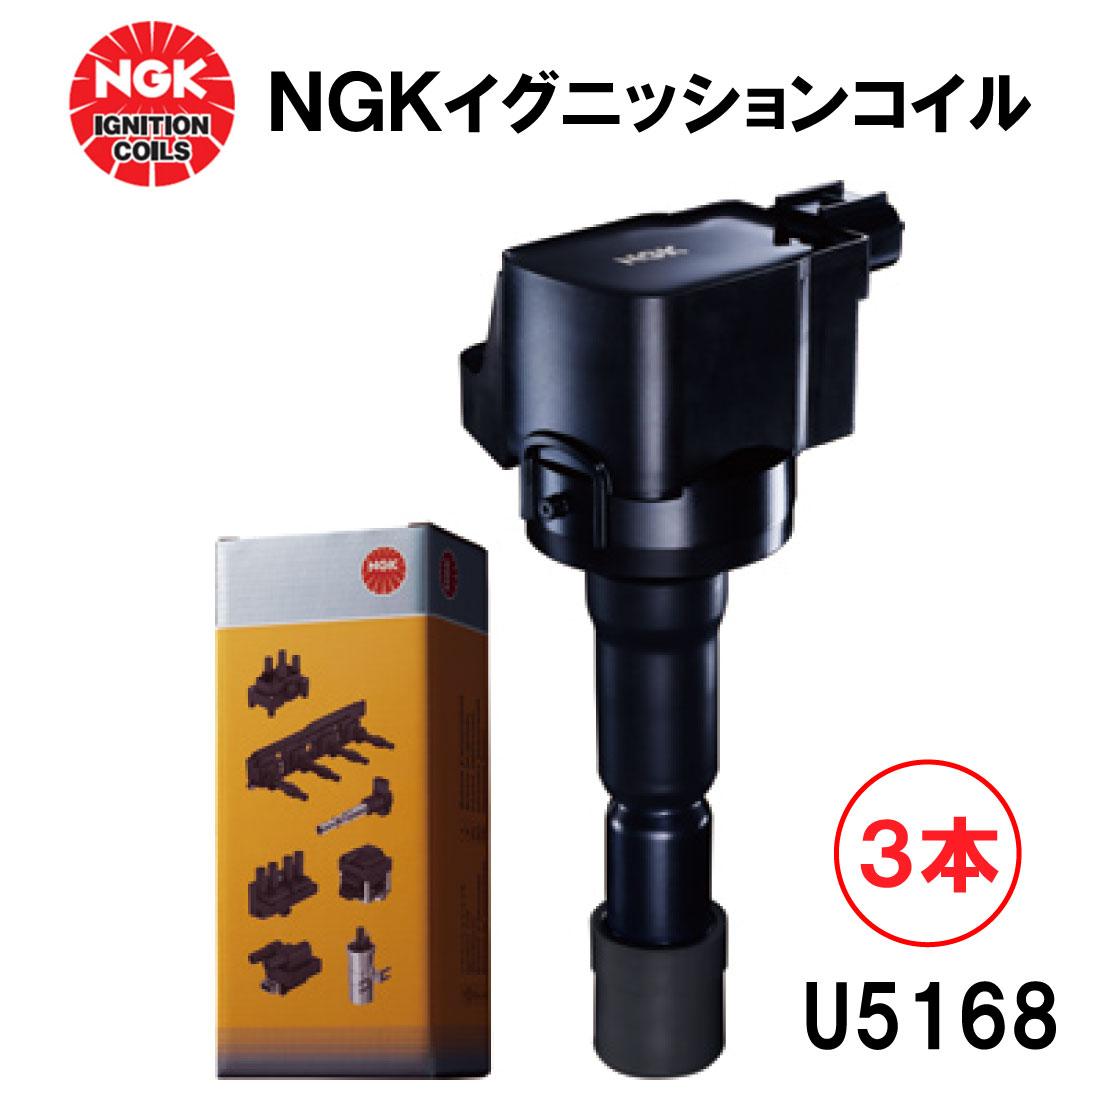 NGK イグニッションコイル U5168 3本セット 48544 純正部品番号 22448-AA100 日産 ニッサン グロリア スカイライン ステージア セドリック ローレル